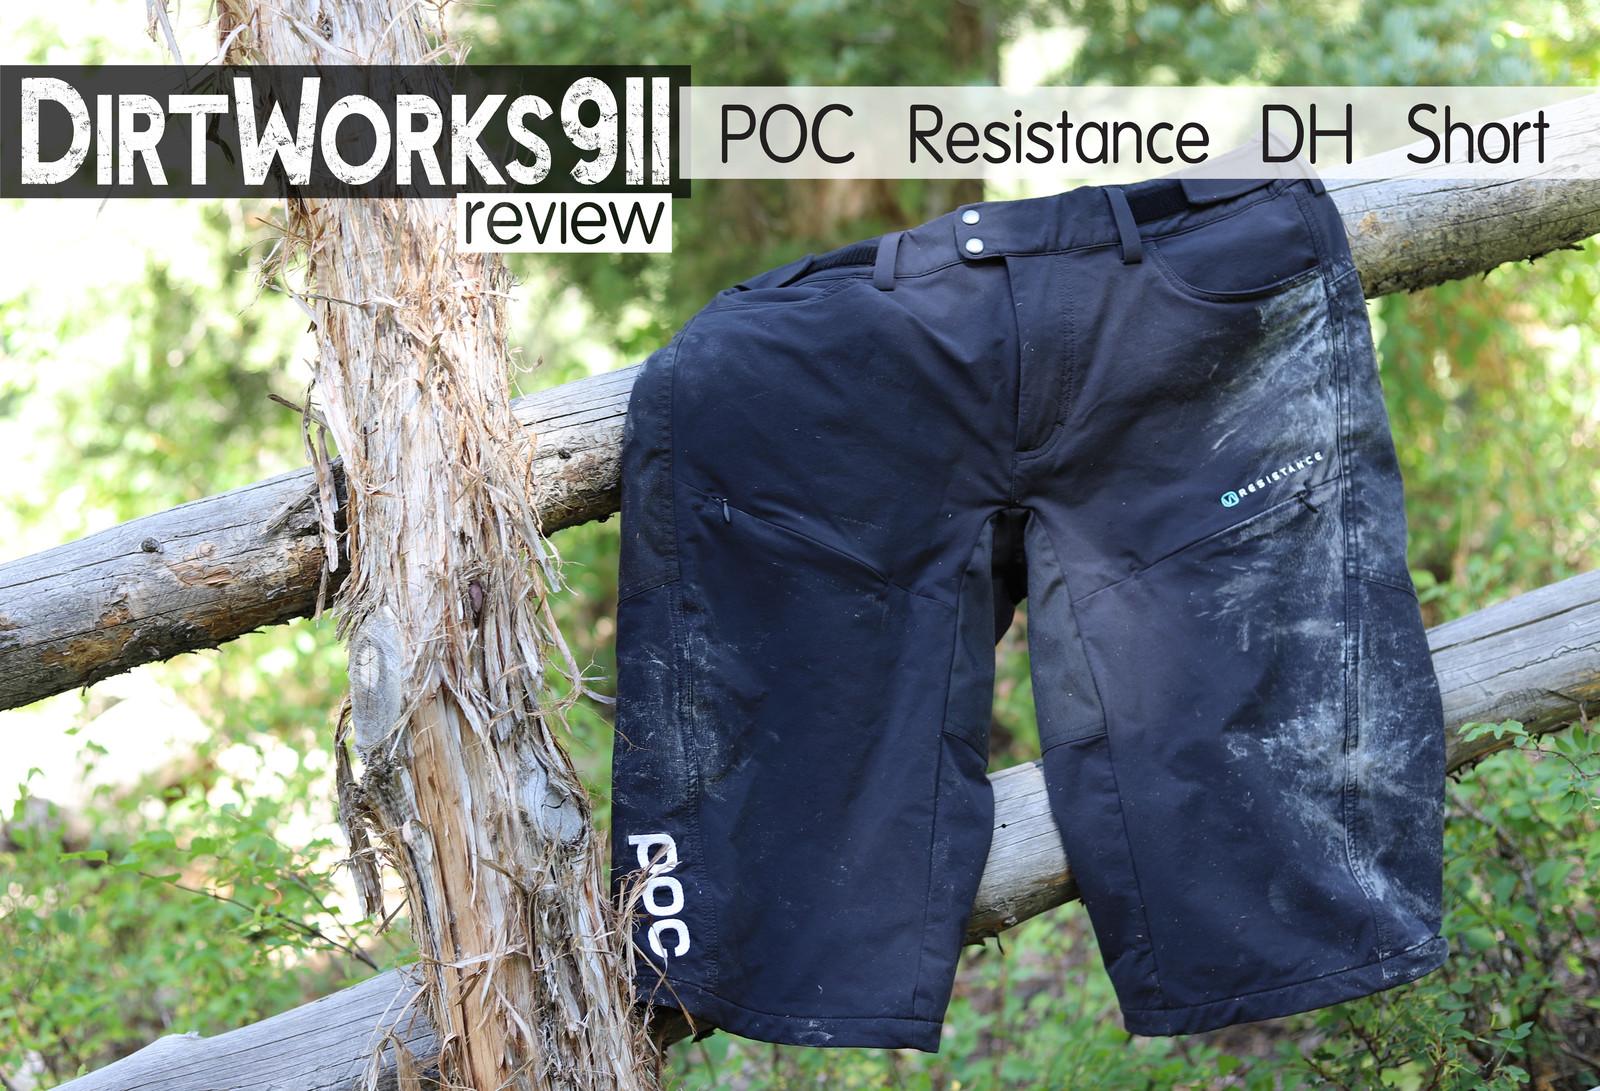 POC Resistance DH Short